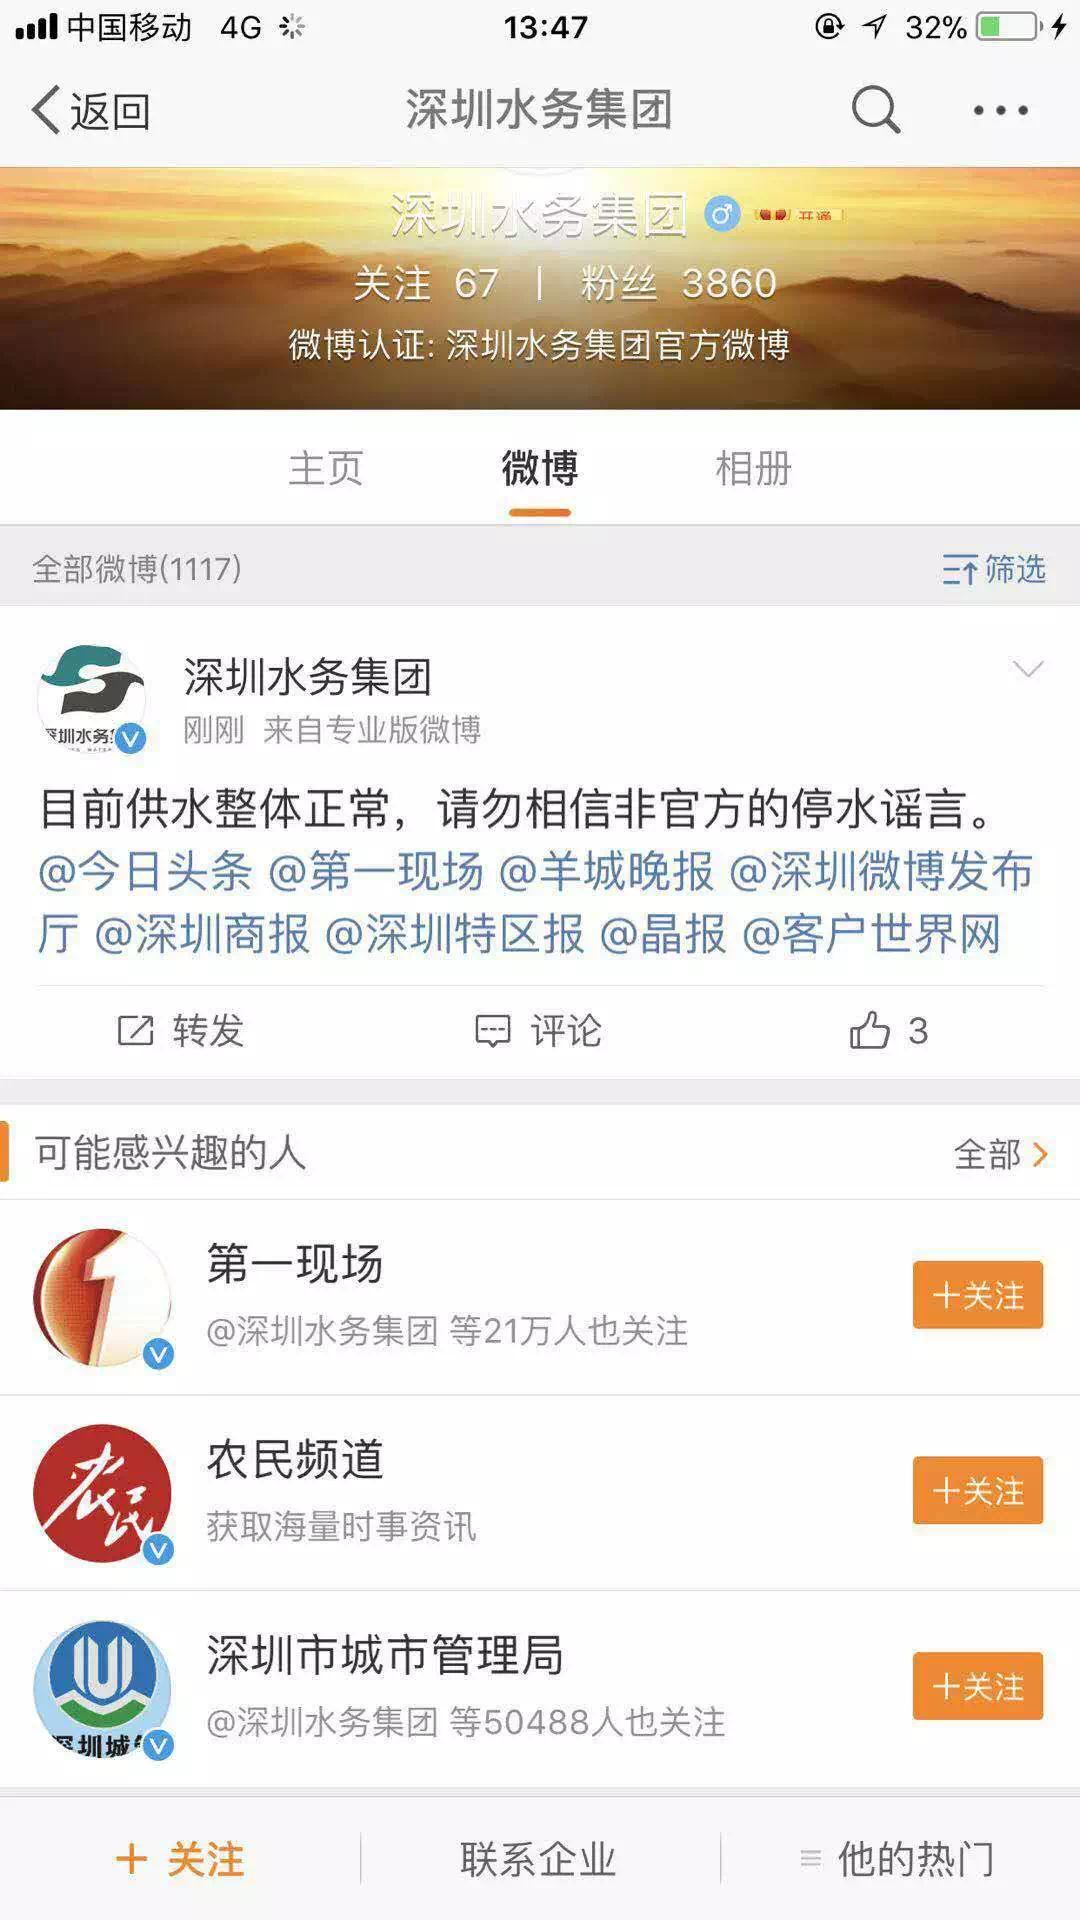 雨一直下风还在刮!深圳四停变一停,周一接着上班!台风肆虐广东